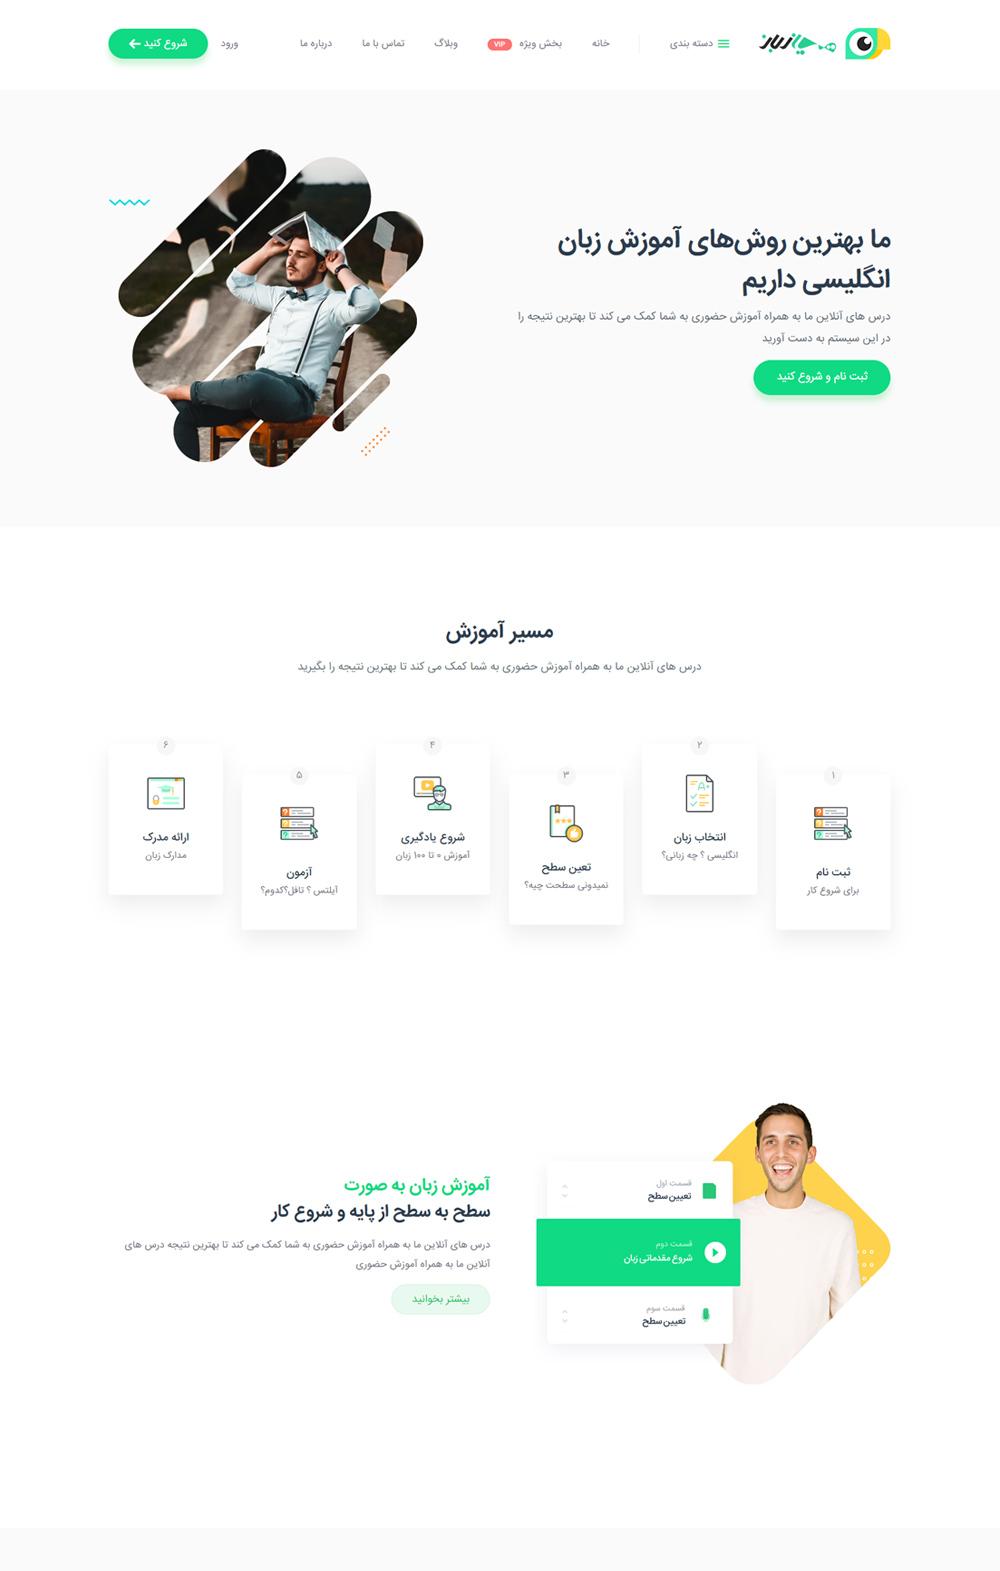 طراحی سایت همیار زبان